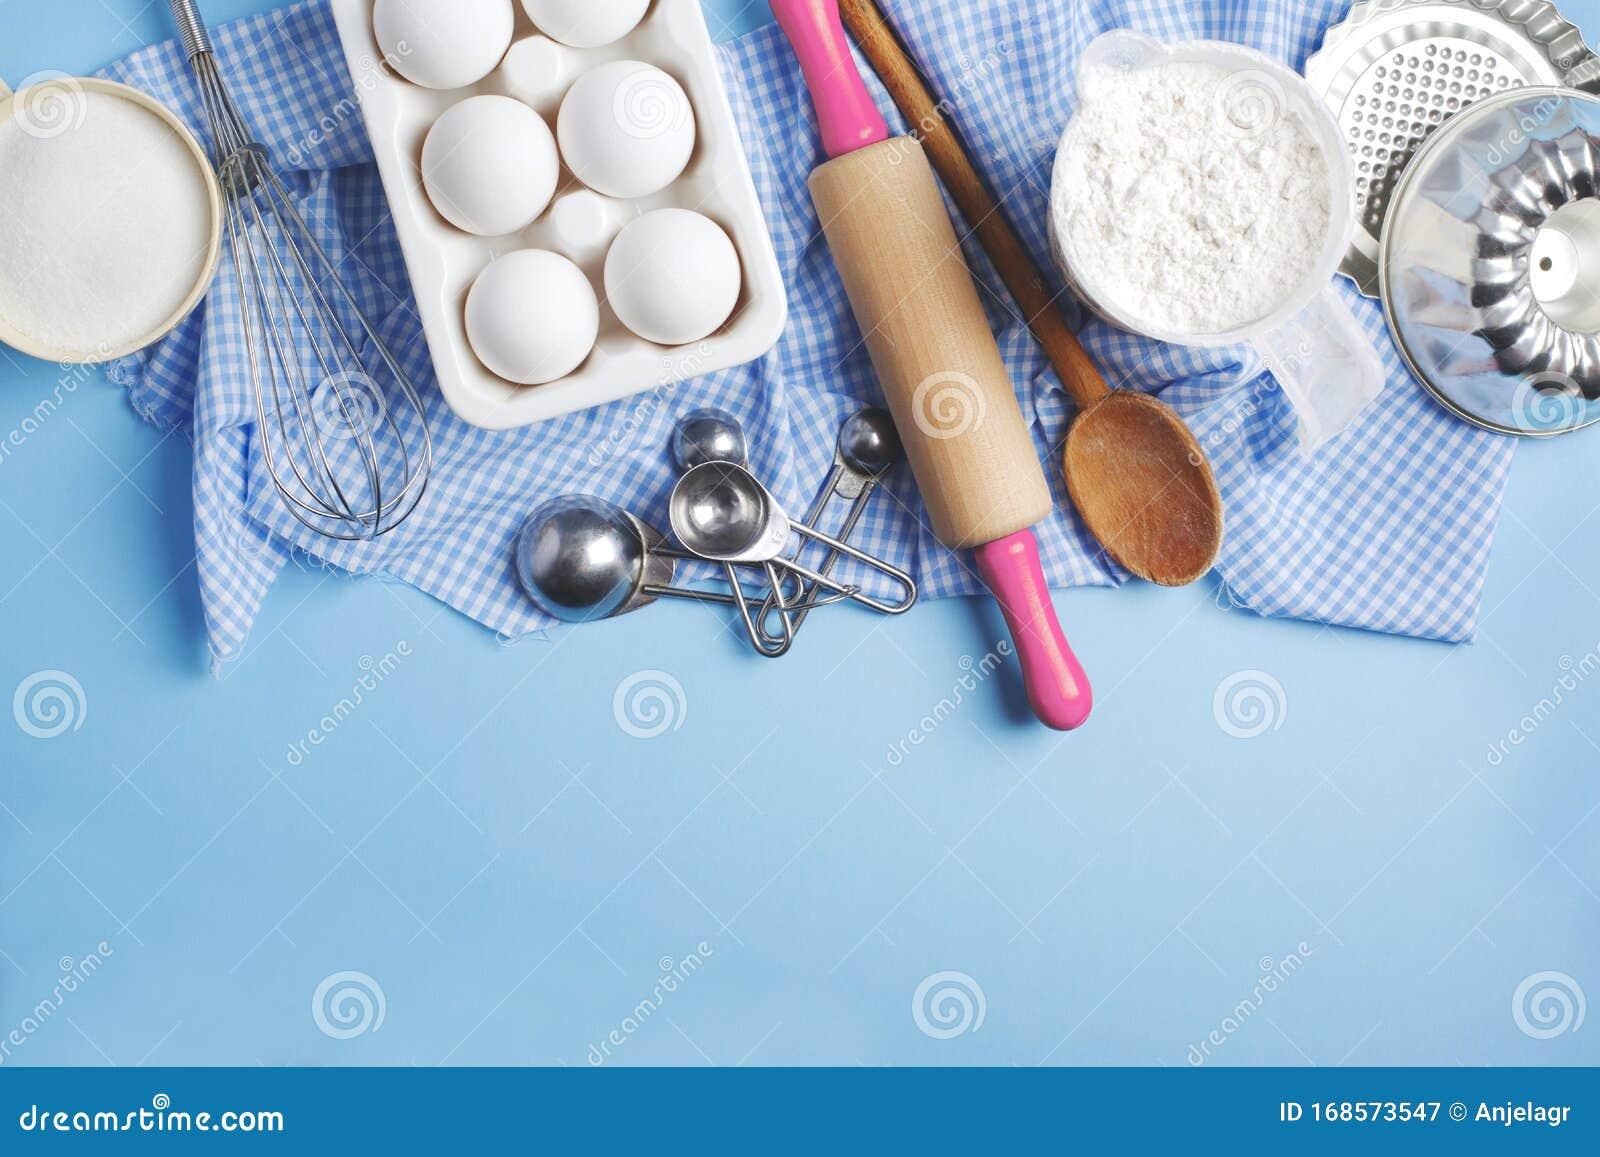 Background Rahmen Vorbereitung Des Osterbackens Zutaten Und Kuchenartikel Zum Backen Stockbild Bild Von Zutaten Vorbereitung 168573547